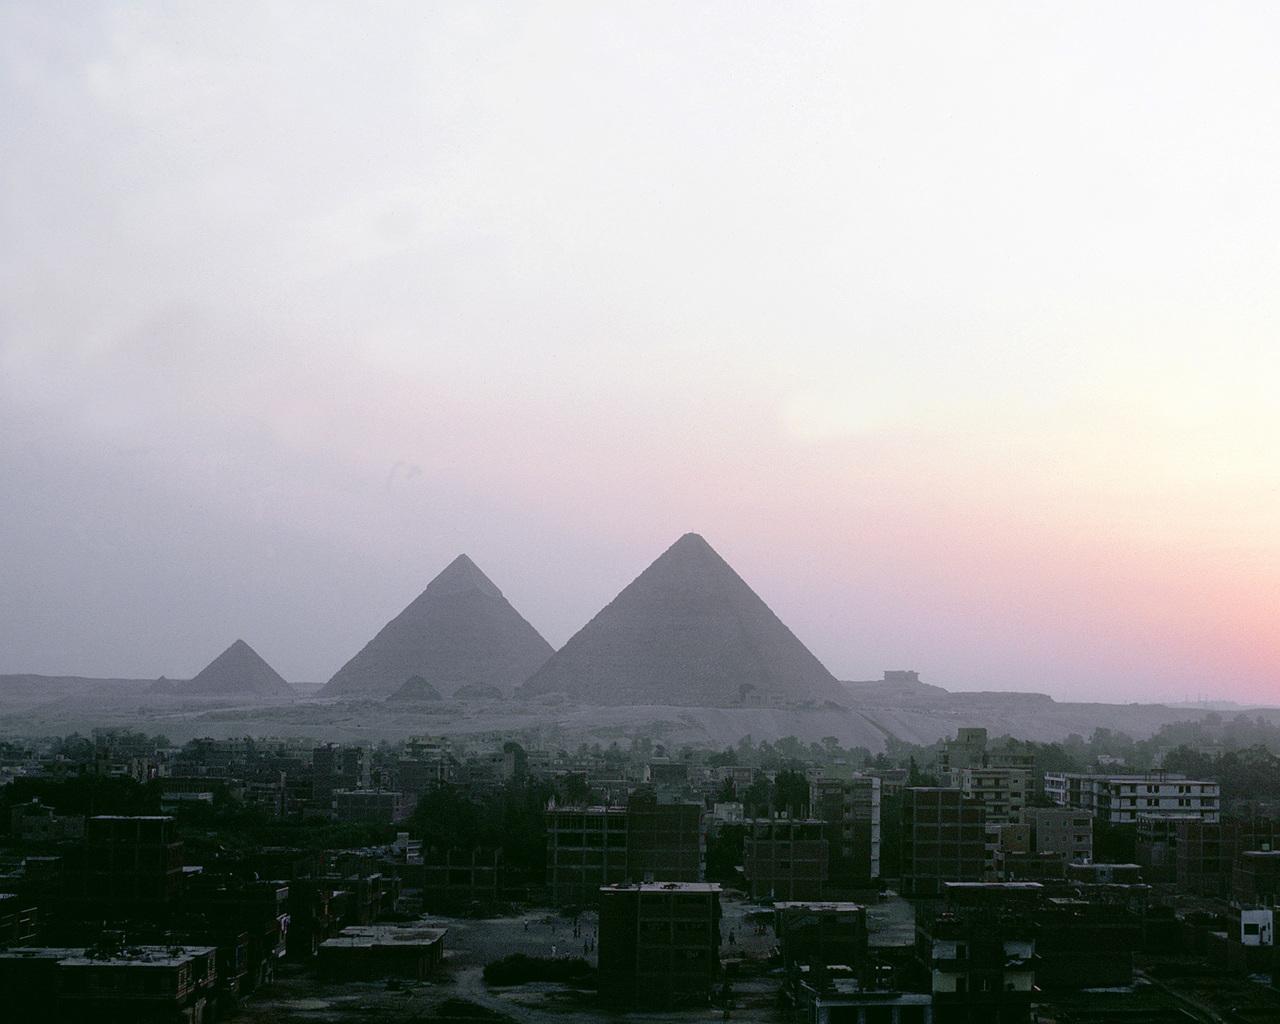 http://3.bp.blogspot.com/-zzysr4vt6XE/TsURl80v41I/AAAAAAAAFSI/D46XCbtk3no/s1600/egypt+pyramids+wallpaper+wonder.jpg